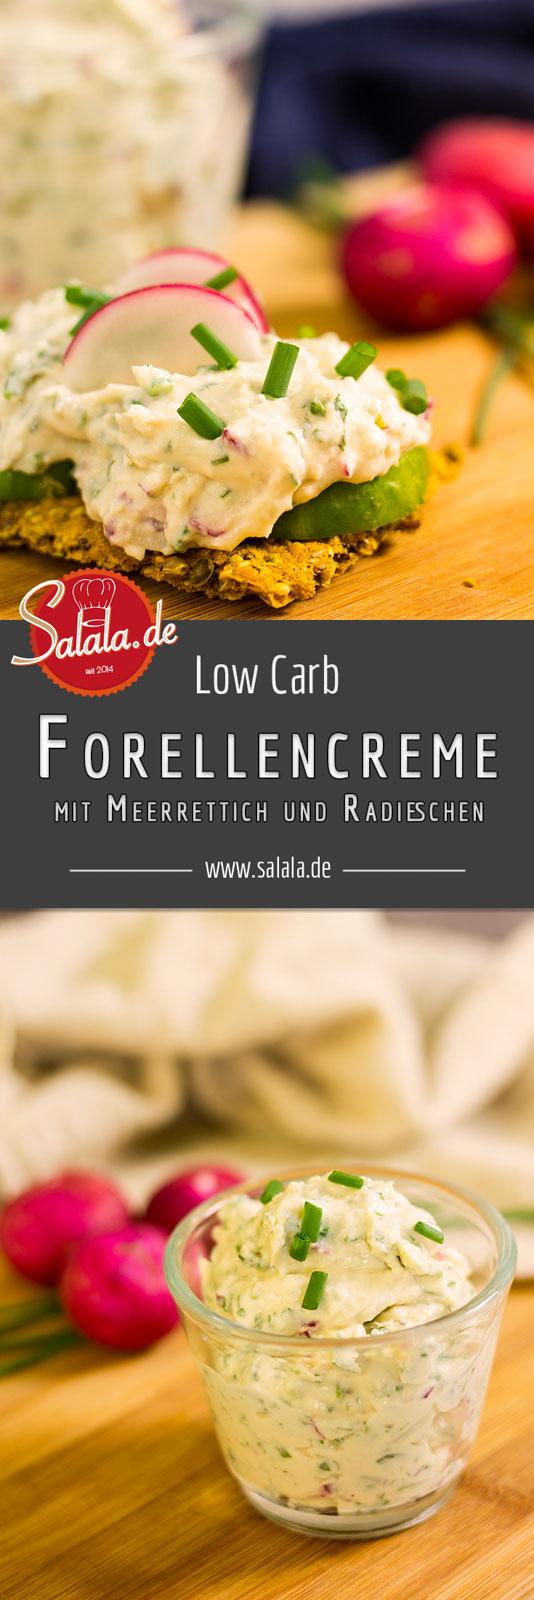 Forellencreme mit Meerrettich und Radieschen selber machen Low Carb Rezept by salala.de